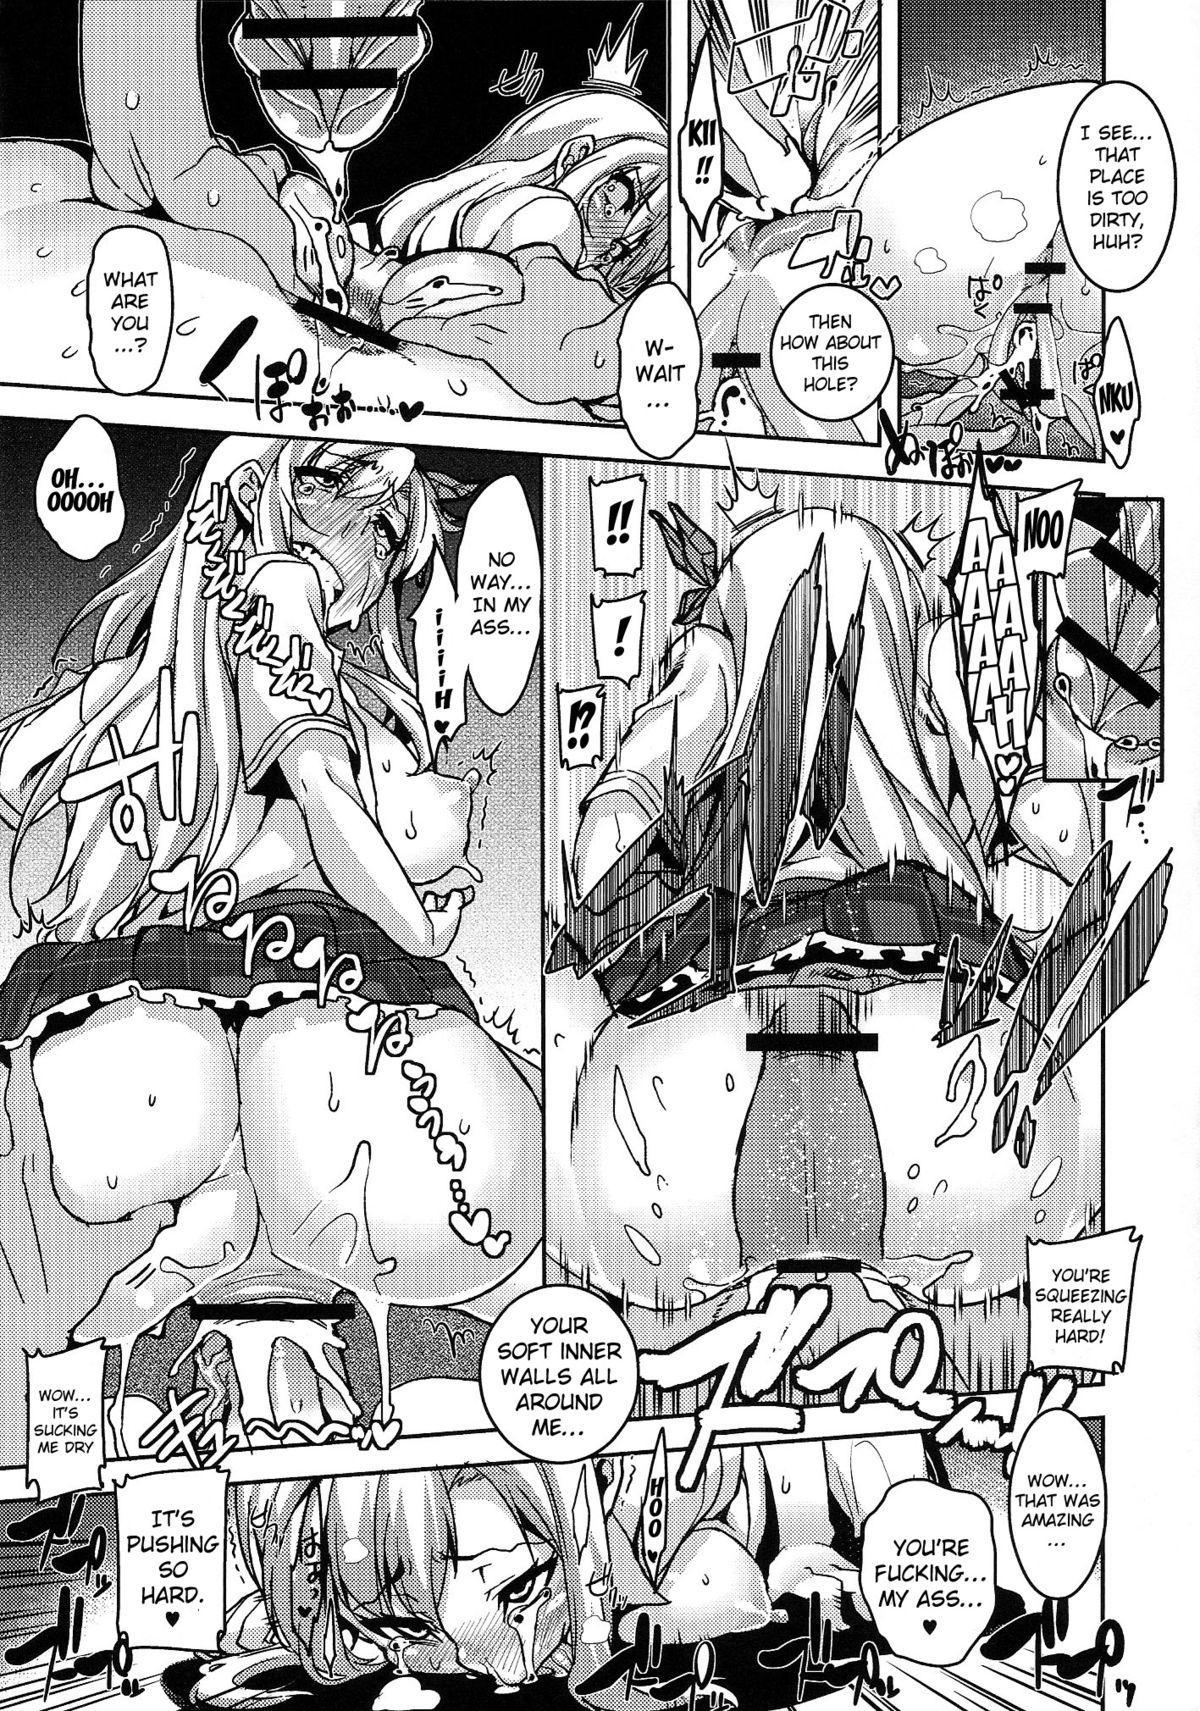 Boku no Seiyoku ga Tomaranai!? | I Can't Stop My Sex Drive 15